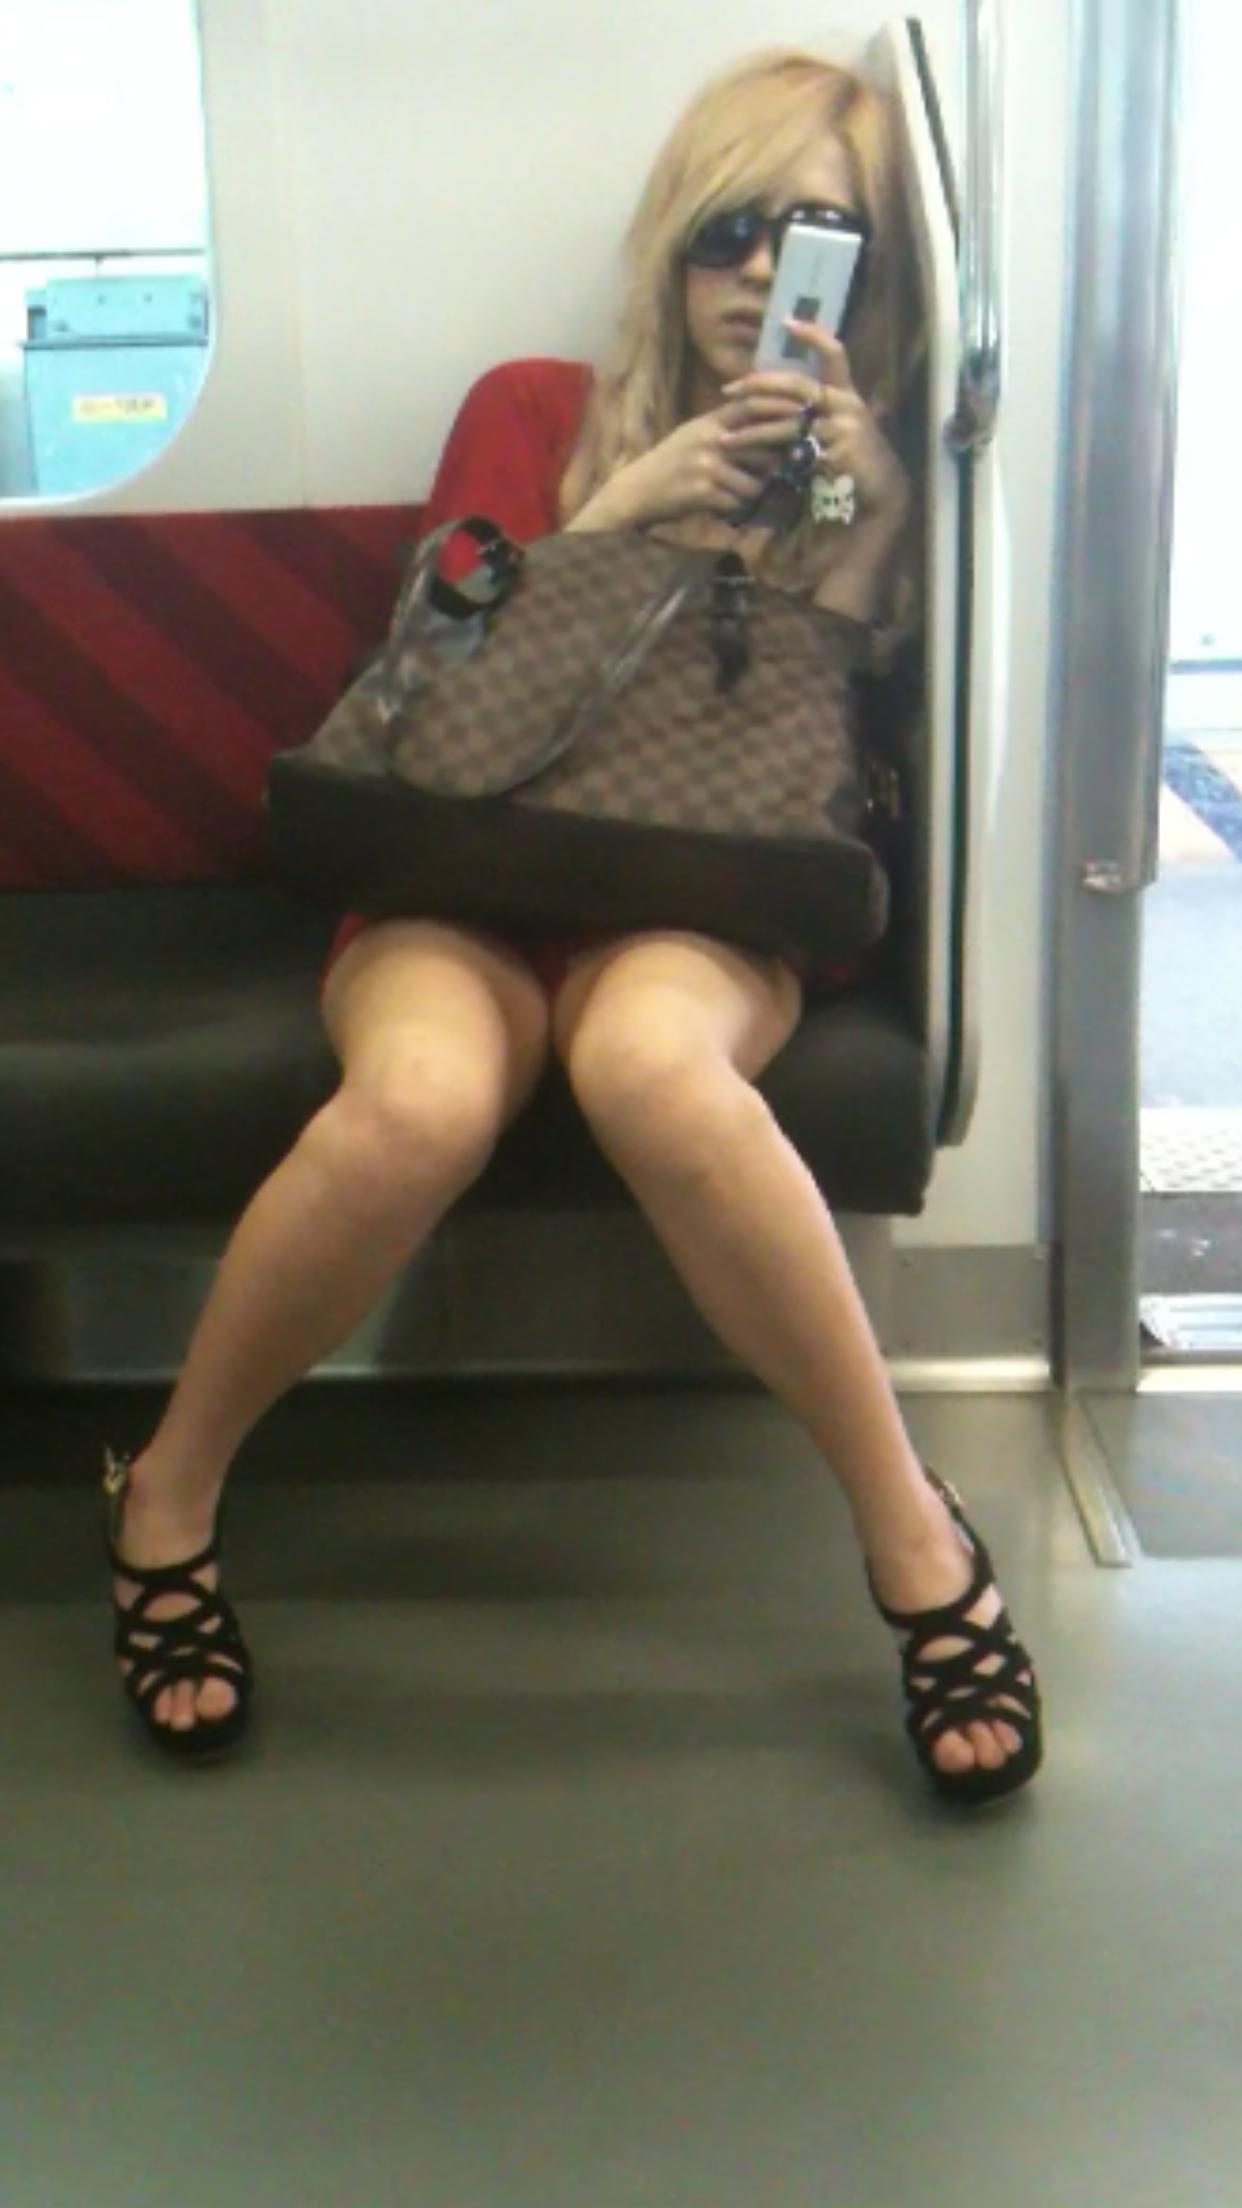 電車対面開脚ギャルたっぷり視姦!